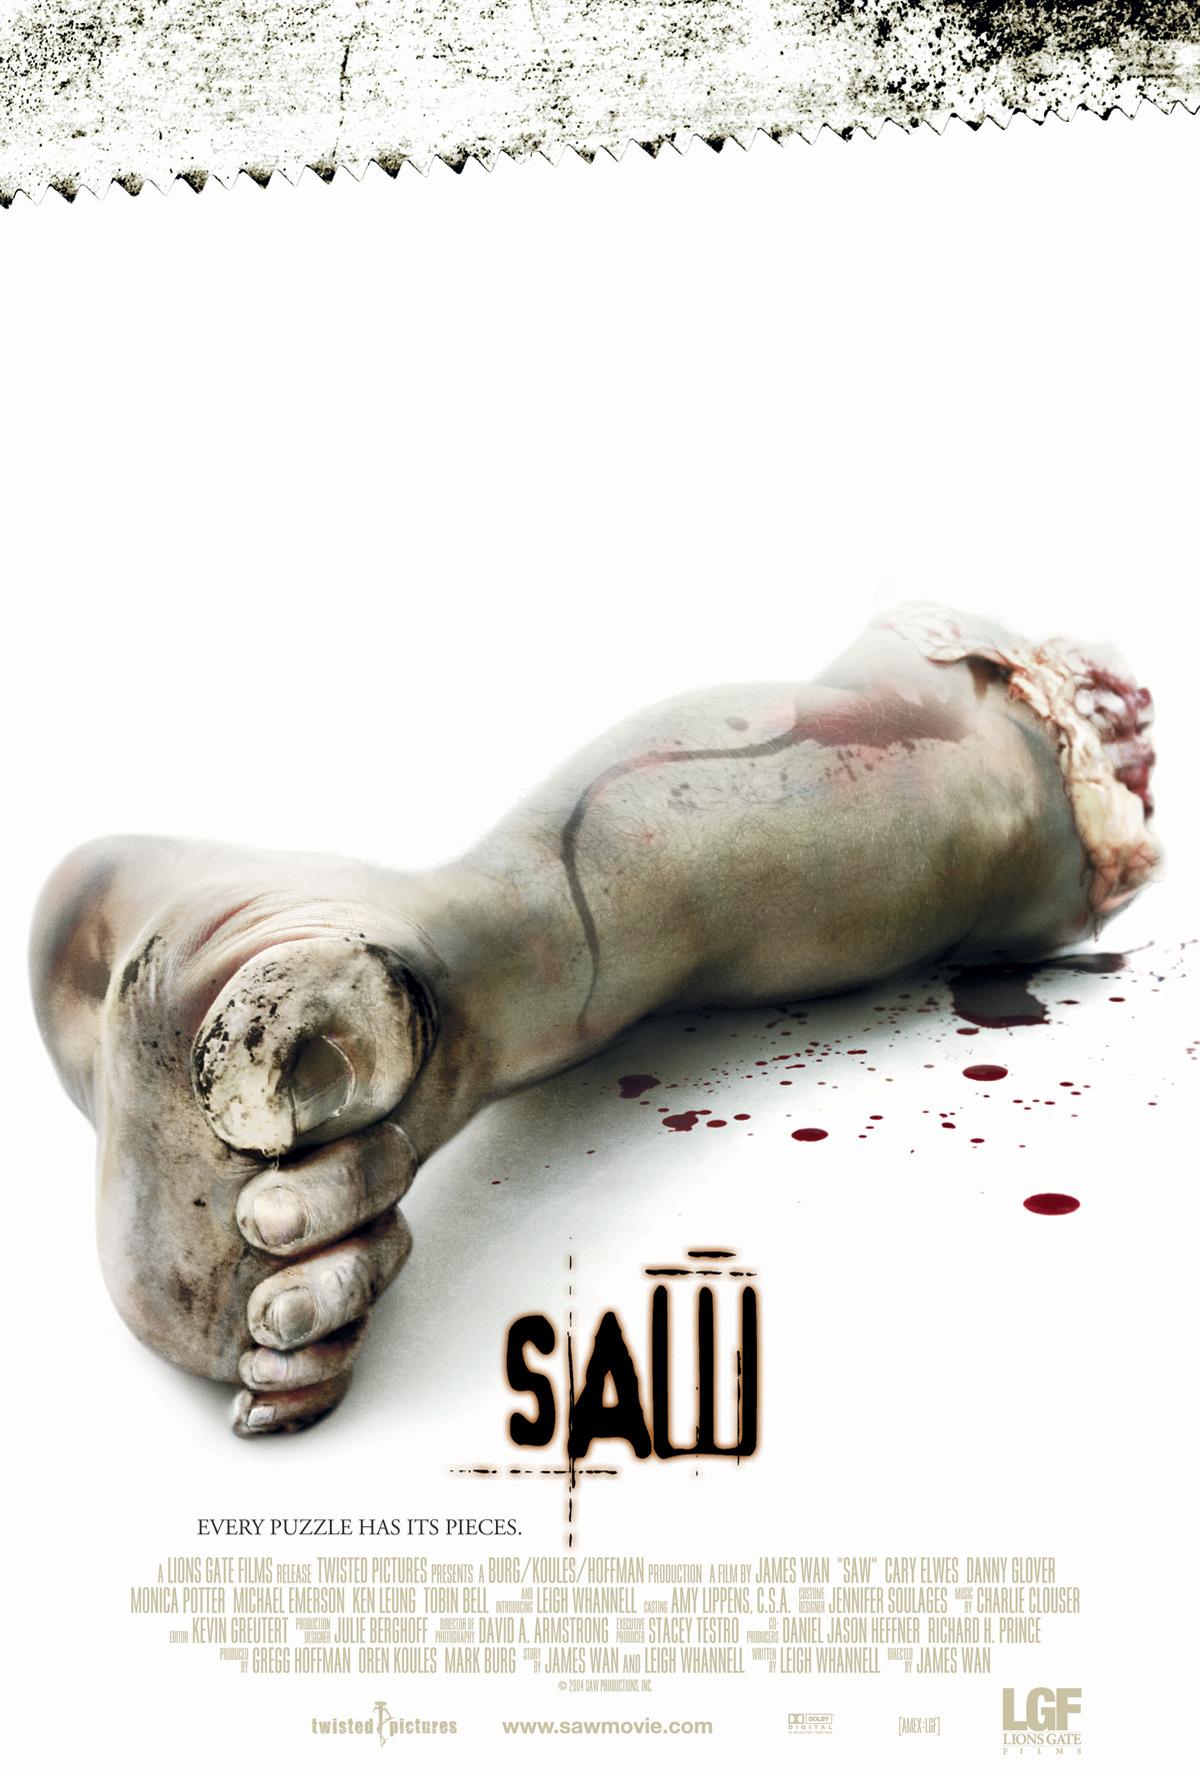 saw_1.jpg